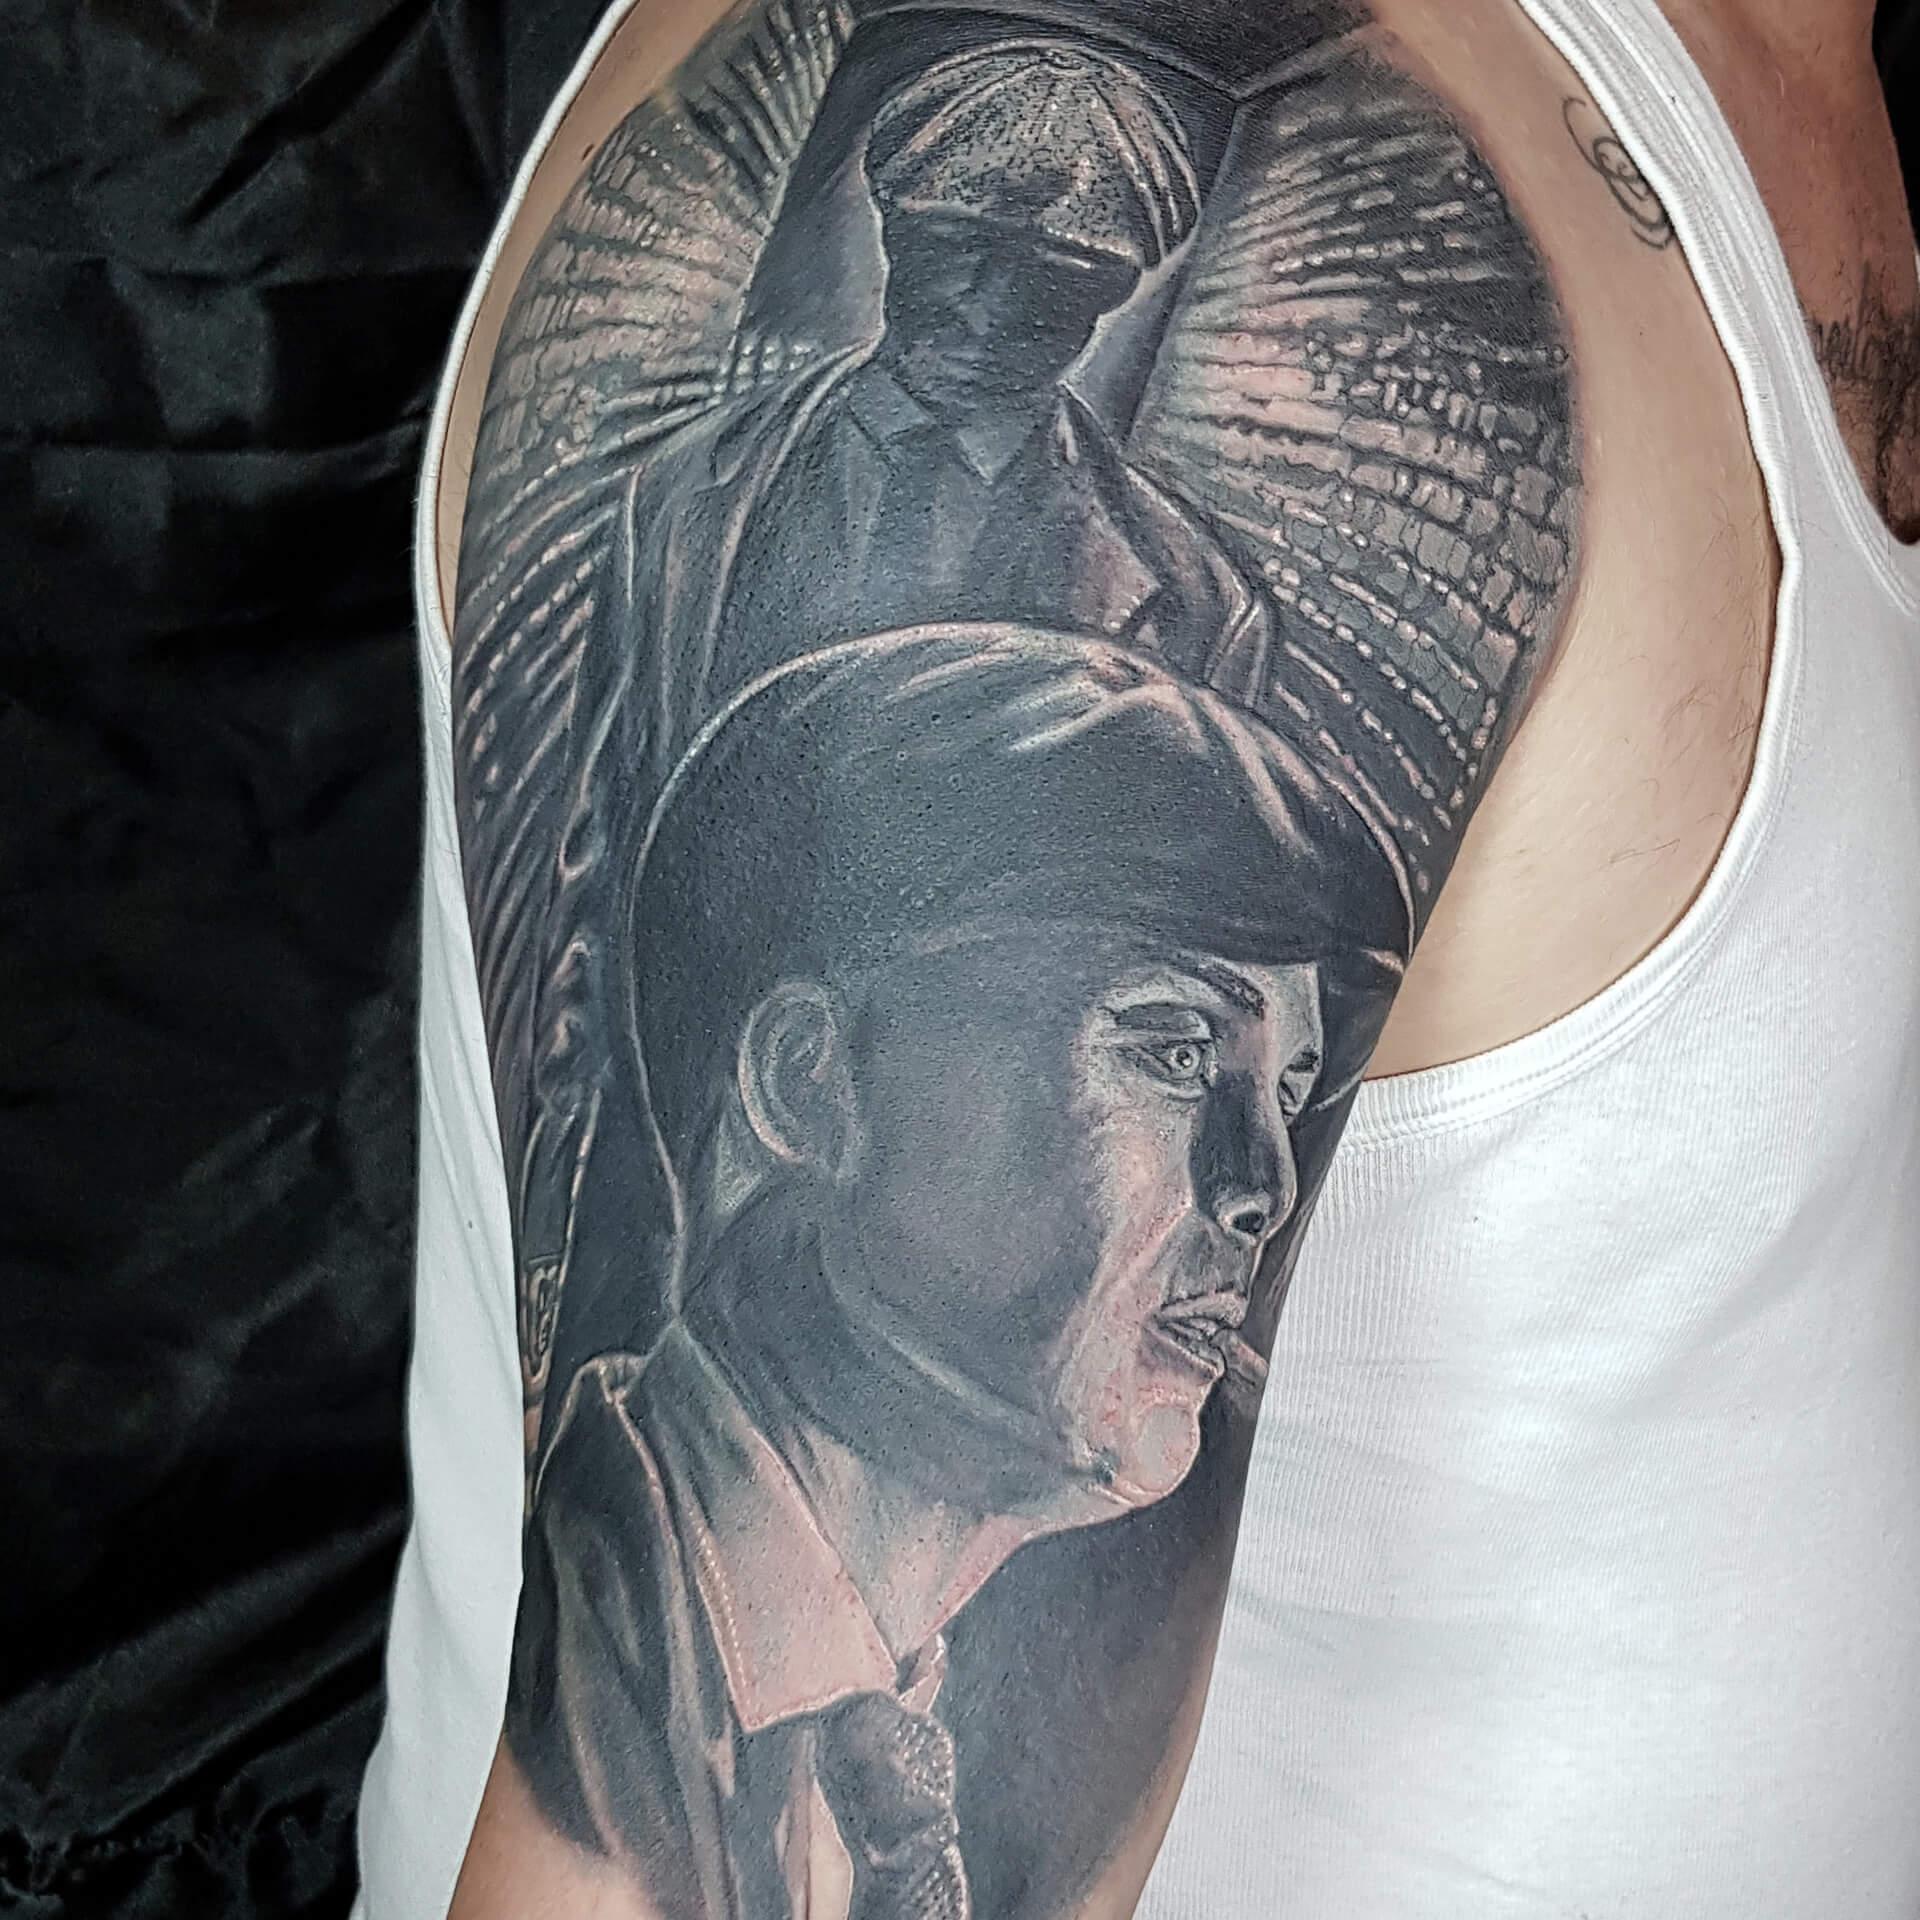 Studio tatuażu Gdańsk Alicja Mazur_style tatuatorskie